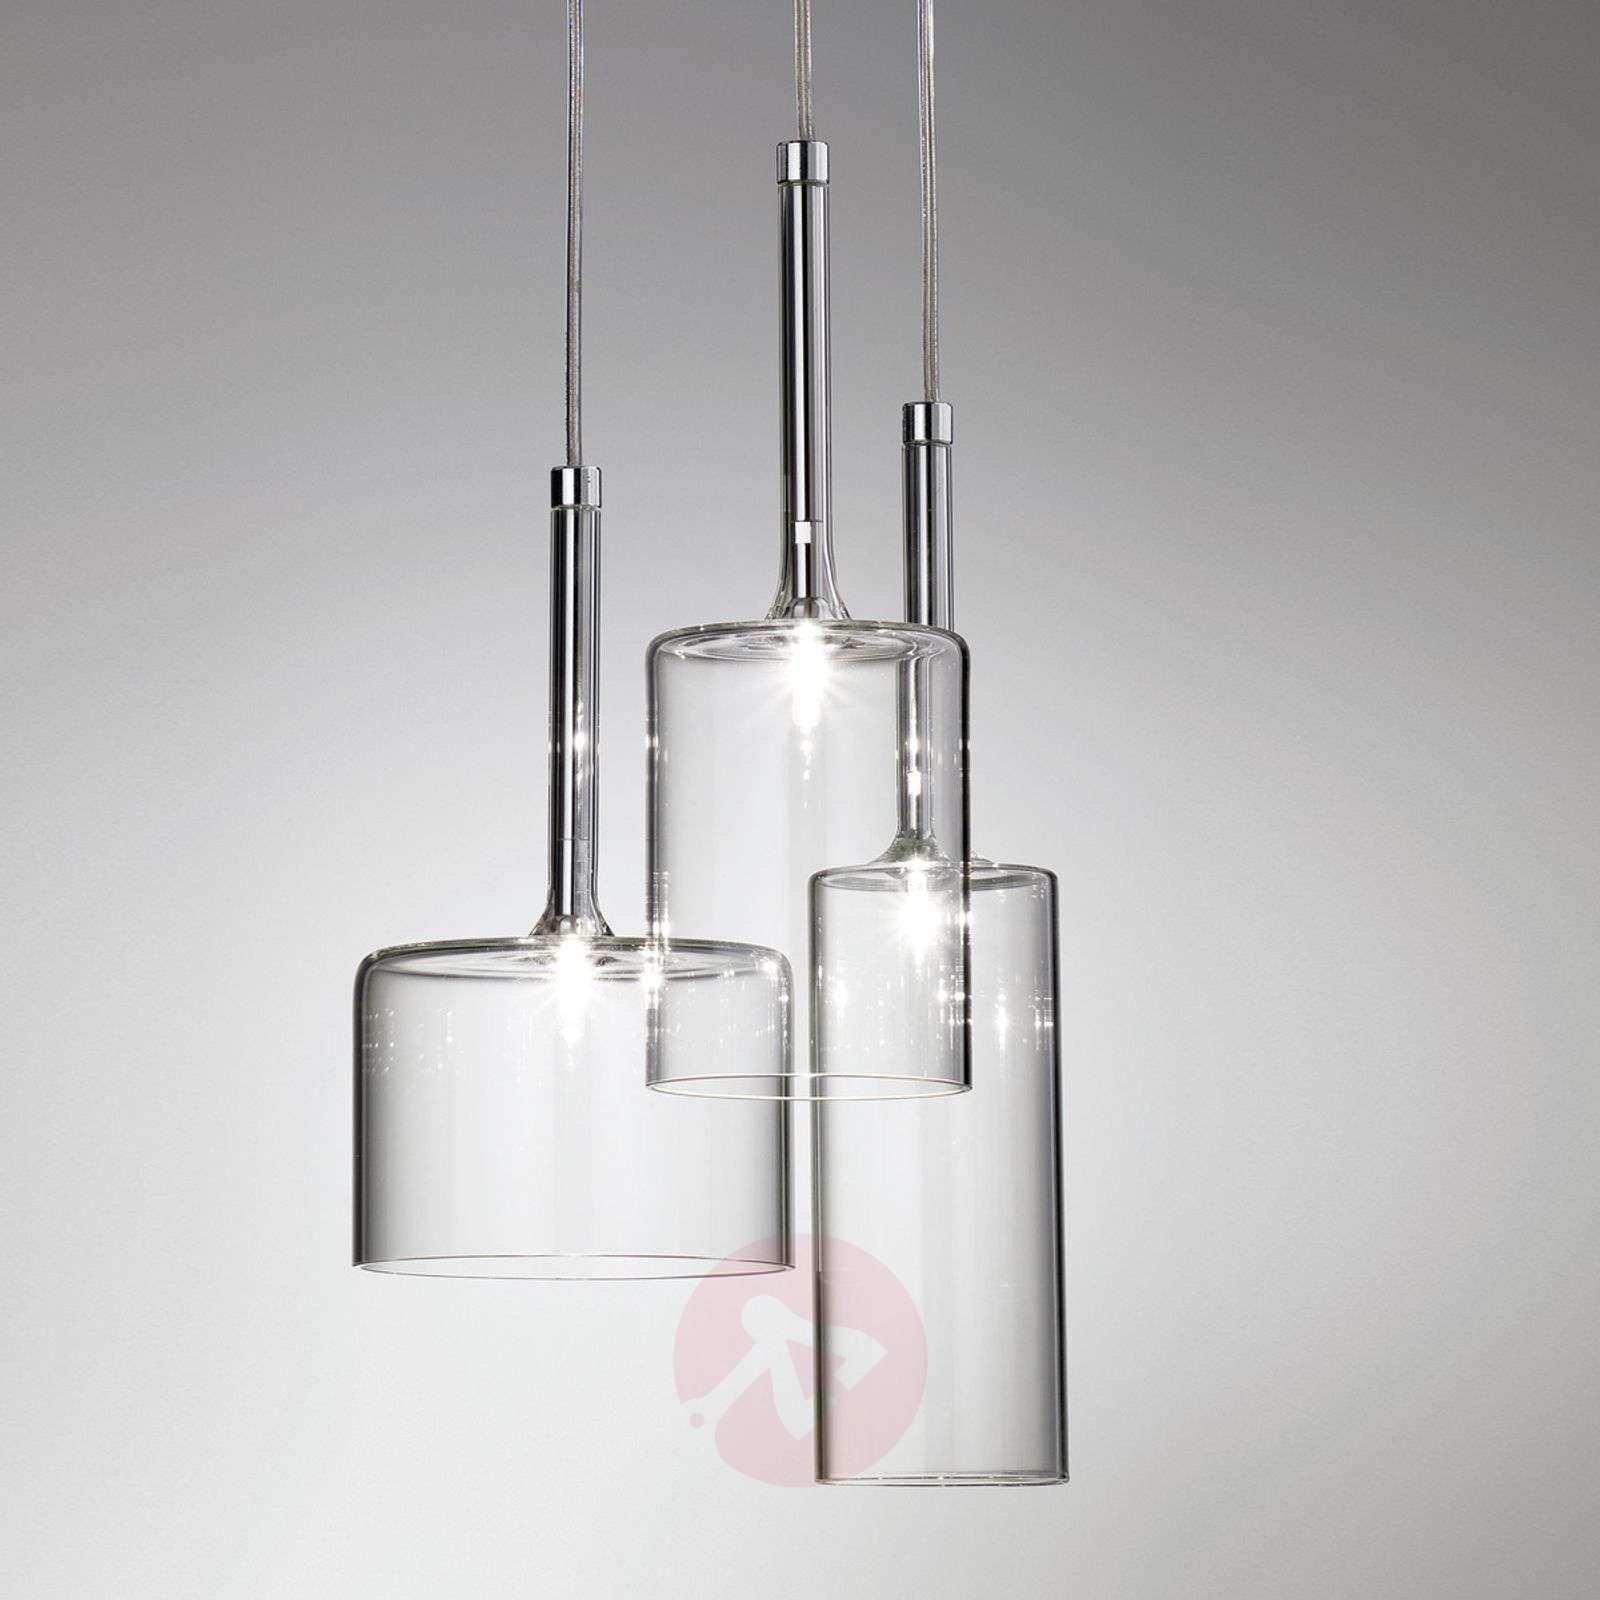 Spillray 3-osainen lasinen riippuvalaisin-1088087-01